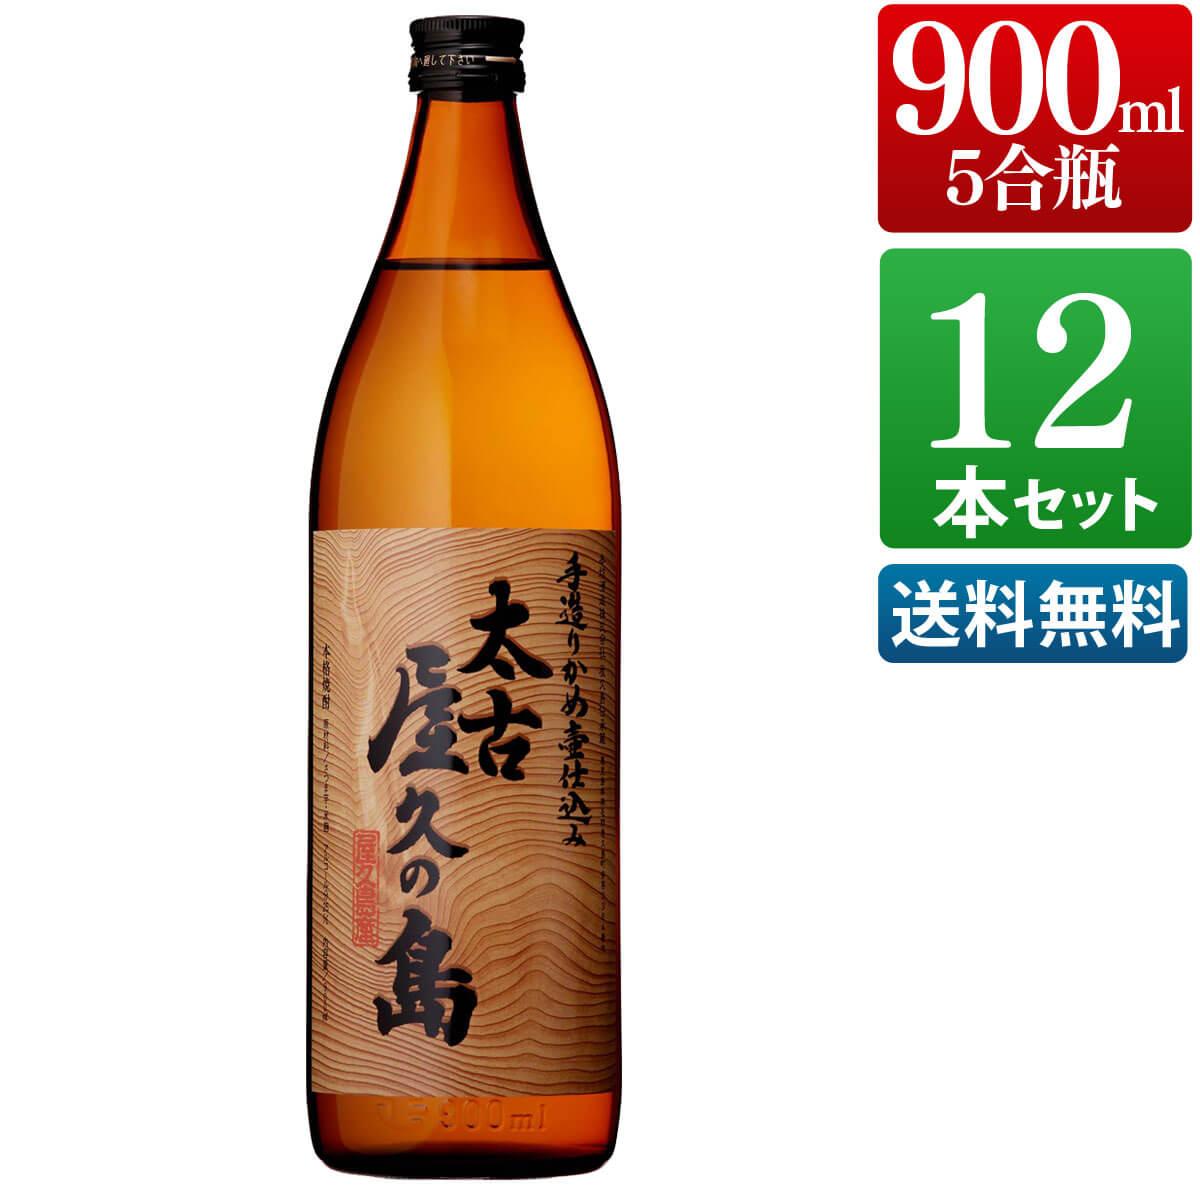 芋焼酎 12本セット 太古屋久の島 25度 900ml [ 本坊酒造 芋焼酎 / 送料無料 ]